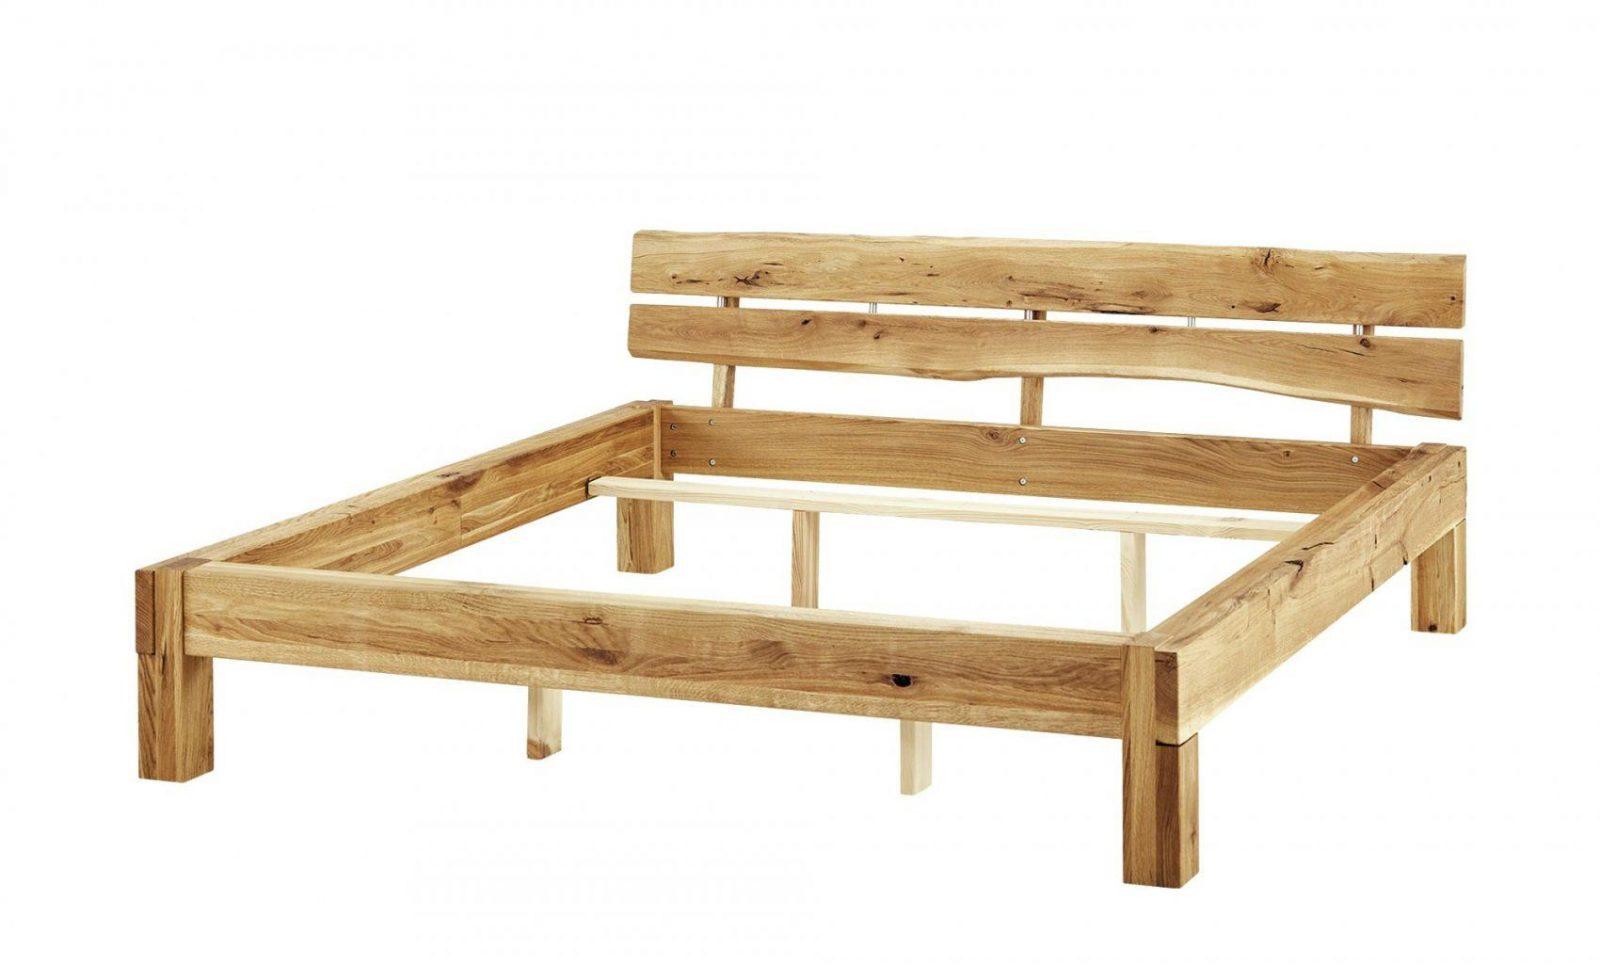 Balkenbett Balkenbetten A Samar Balkenbett Elias Massiv Holzbett 180 von Bett Aus Balken Bauanleitung Bild